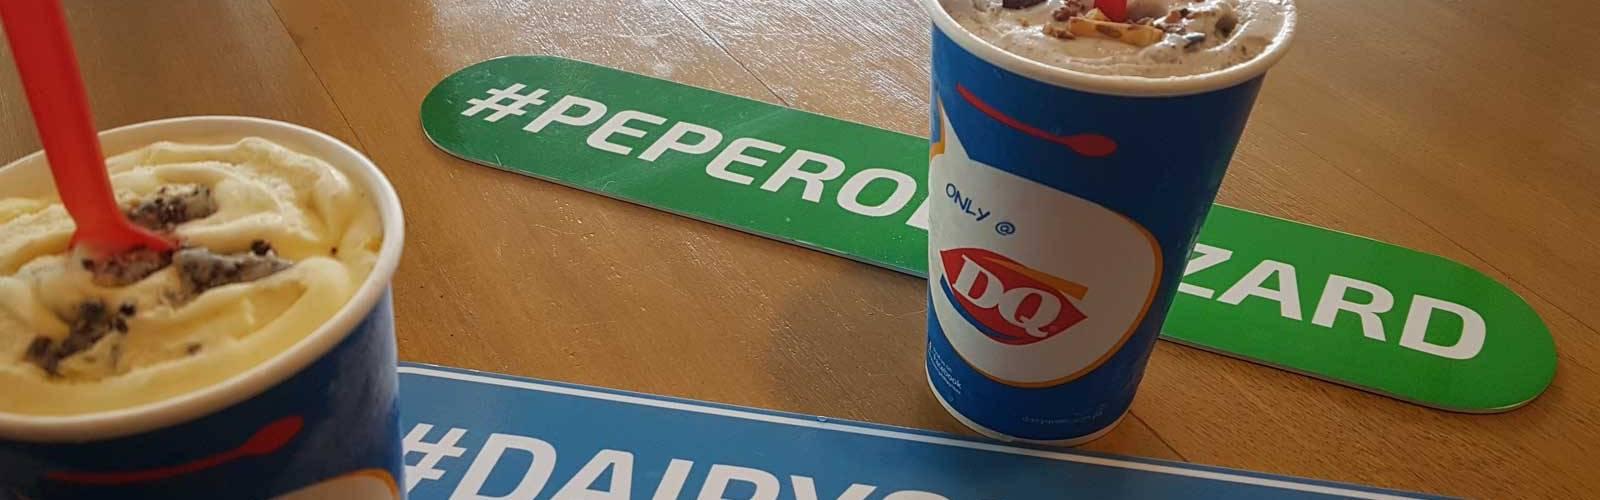 Pepero Blizzard